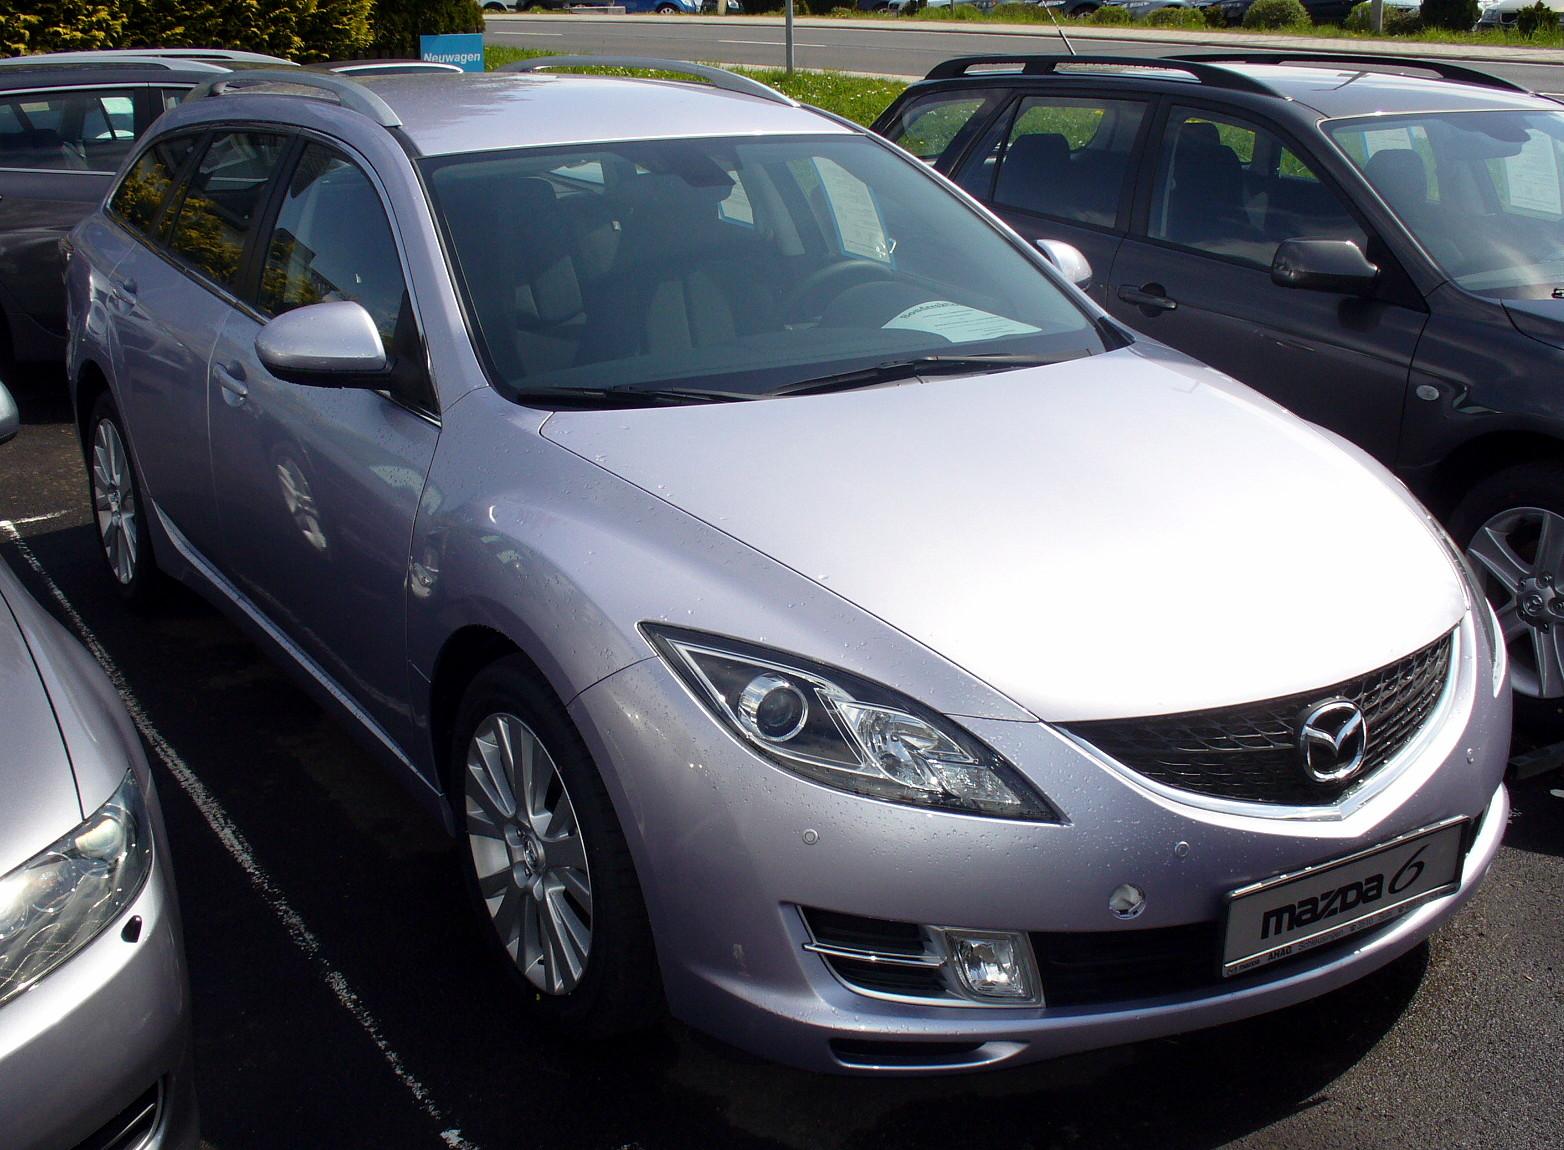 Mazda 6 Sport >> File:Mazda 6 GH Sport Kombi.JPG - Wikimedia